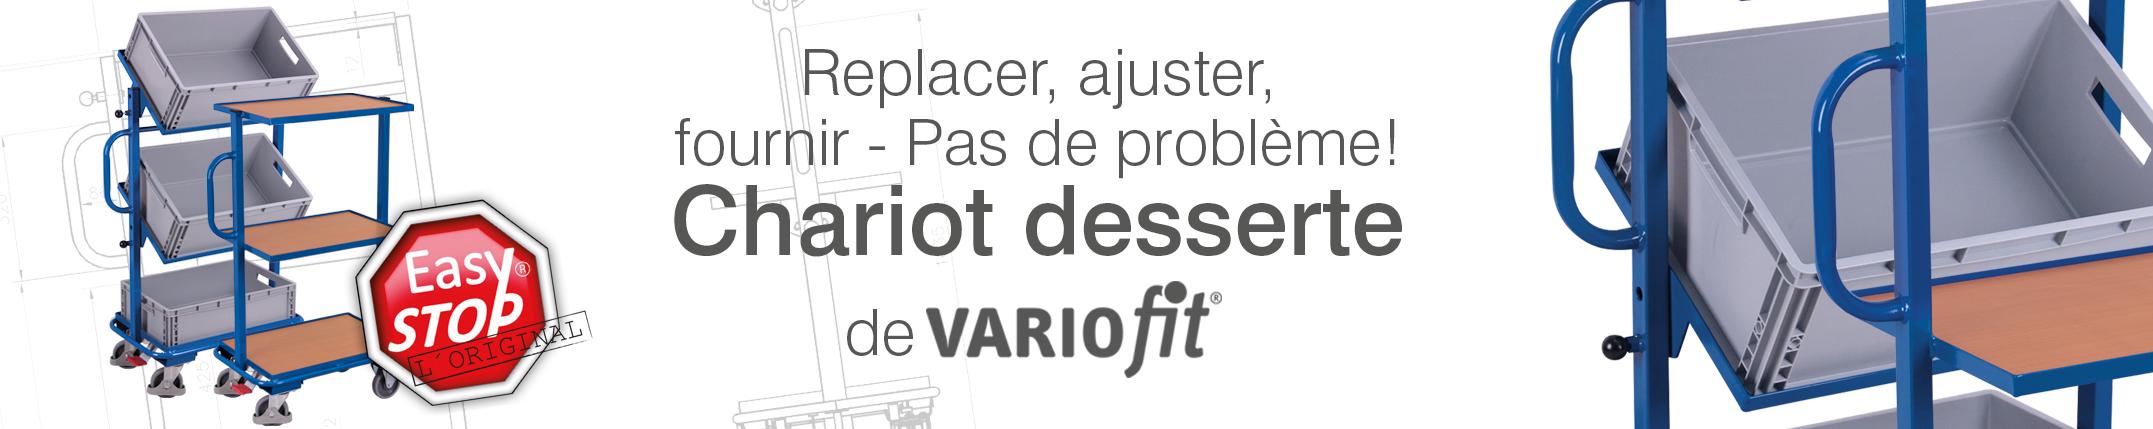 Beistellwagen-fr